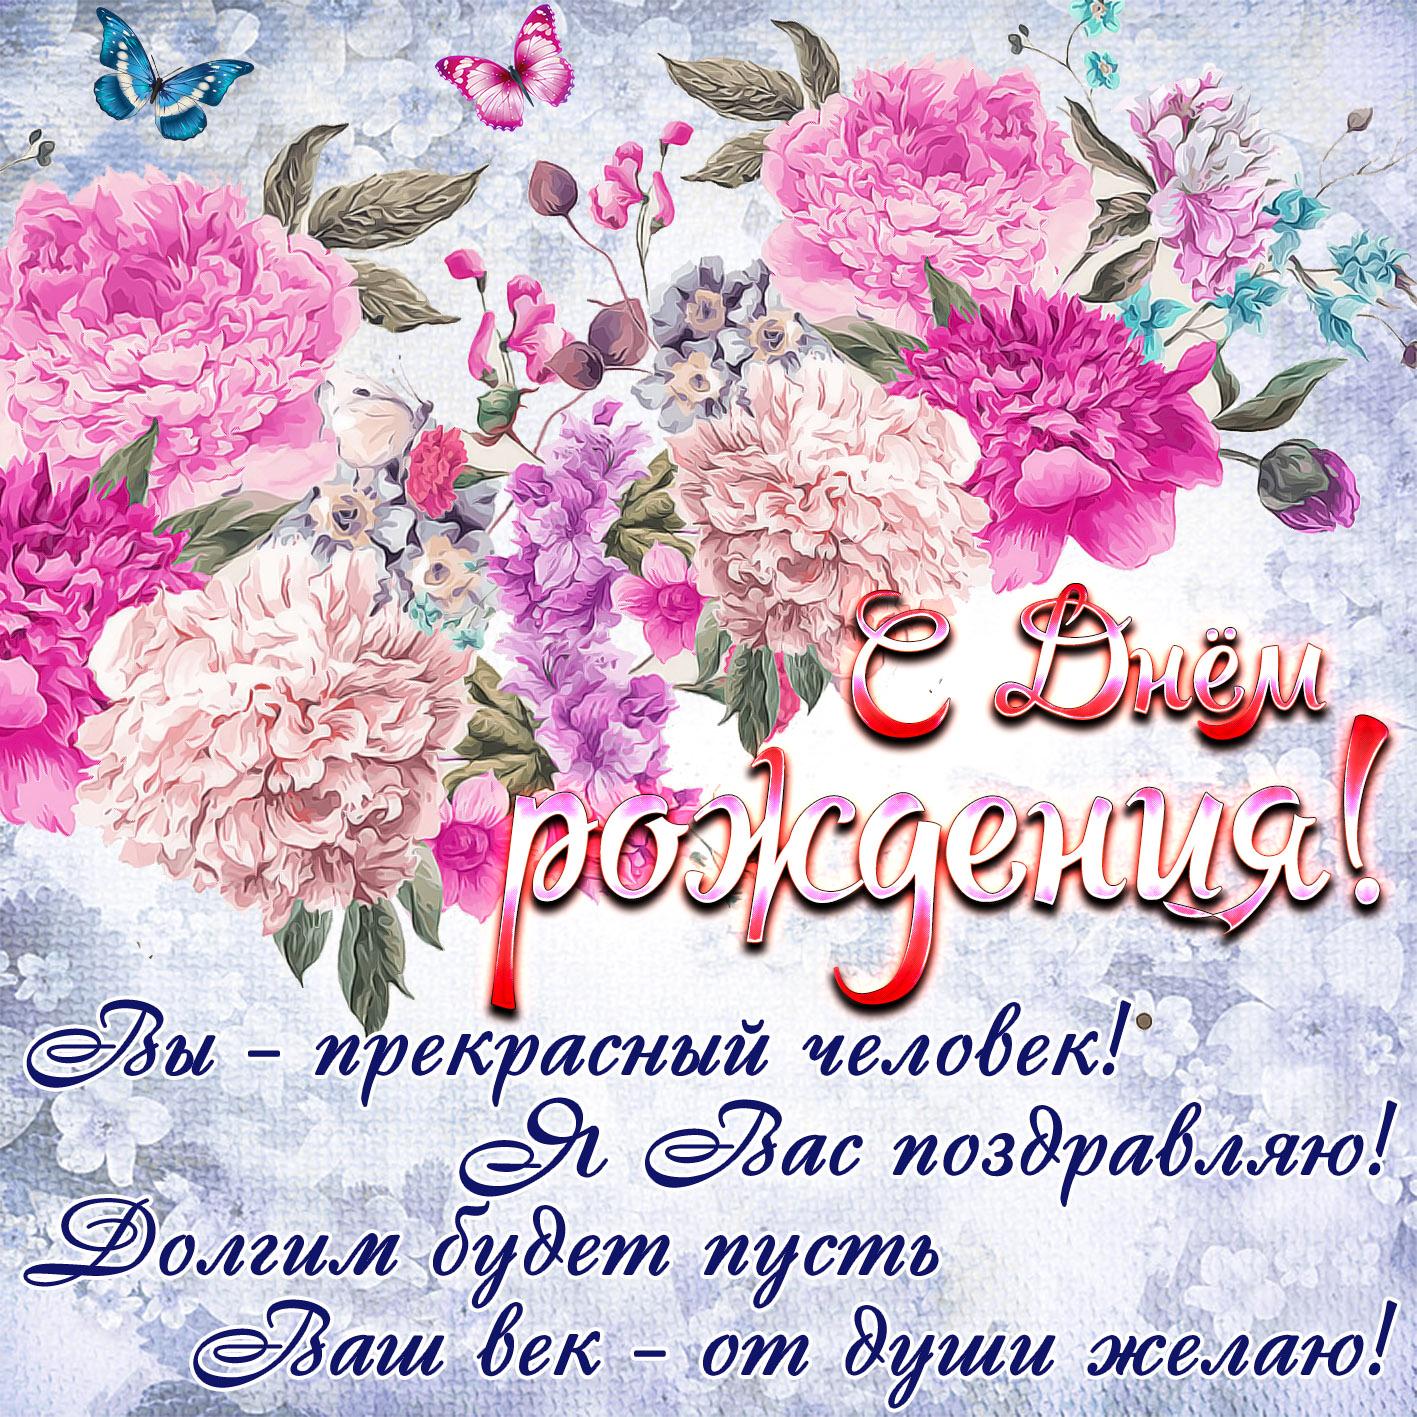 Днем, открытки с днем рождения с цветами и текстом